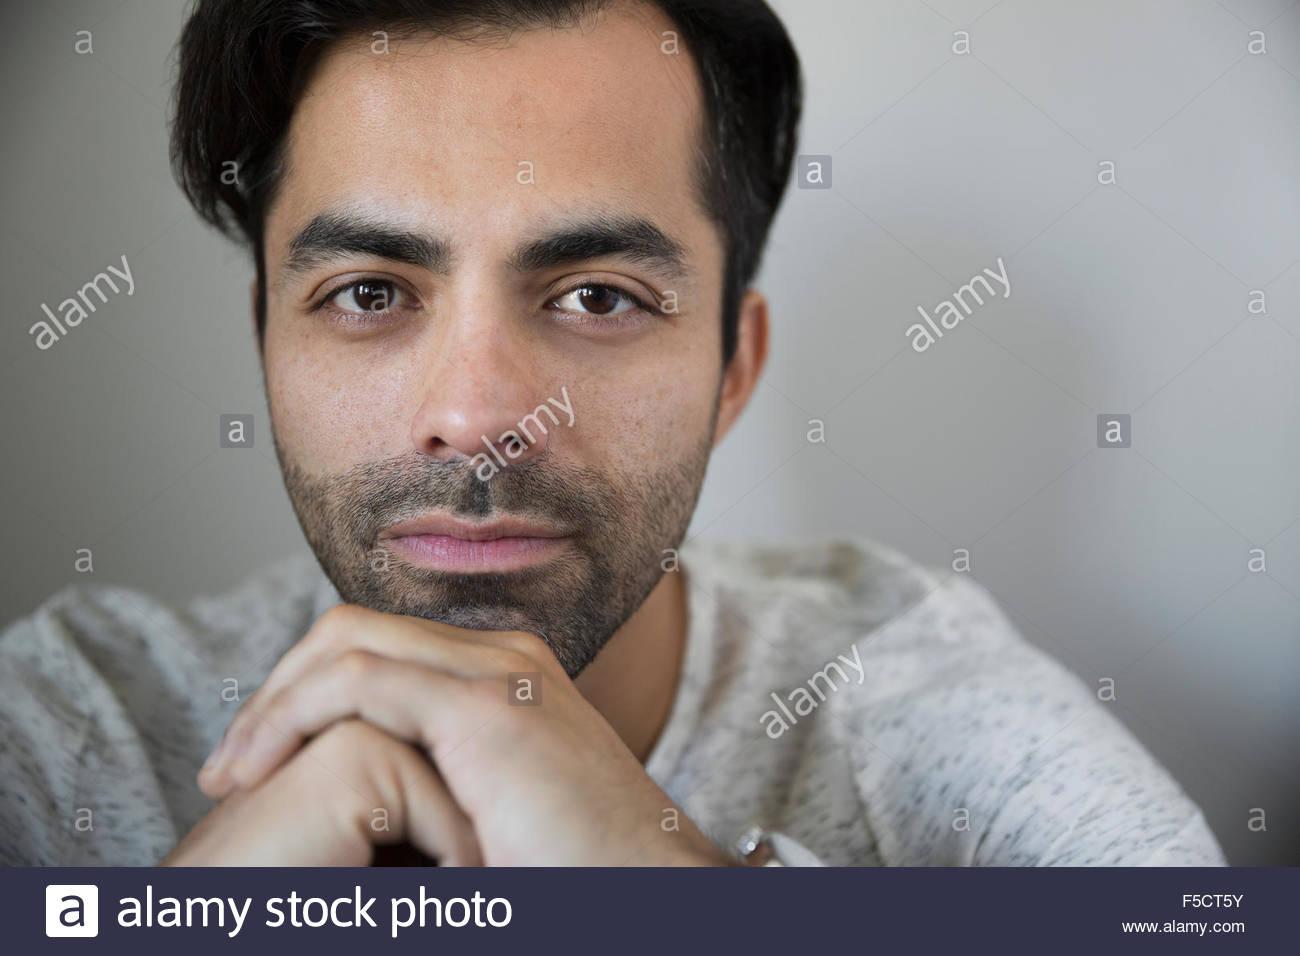 Porträt ernster Mann mit schwarzen Haaren und Stoppeln Stockbild